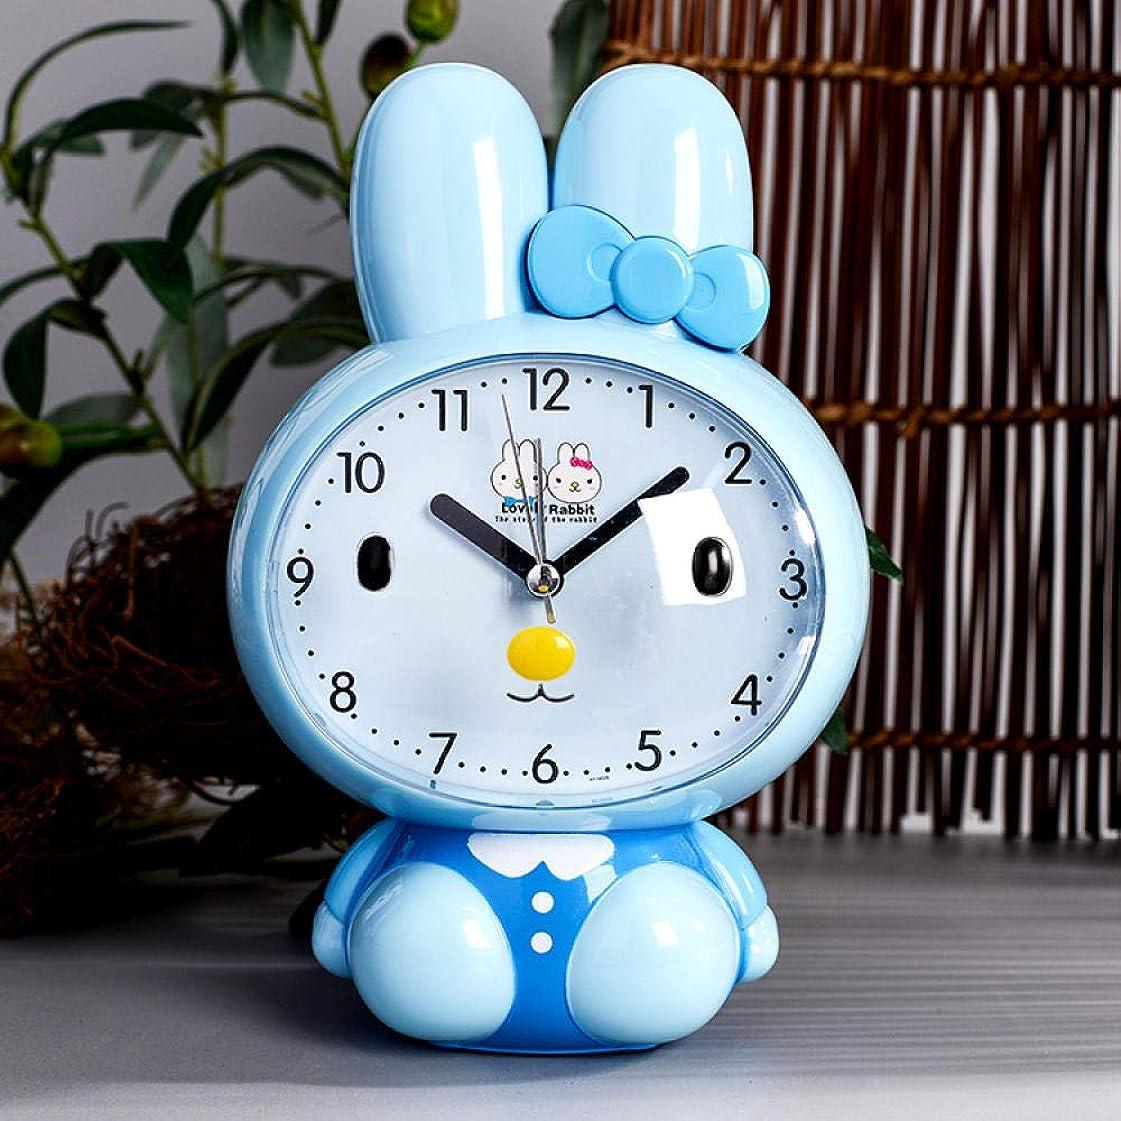 戦い道に迷いました欲求不満目覚まし時計創造的な学生のベッドサイドミュート多機能時計学生を話している漫画目覚まし時計少年